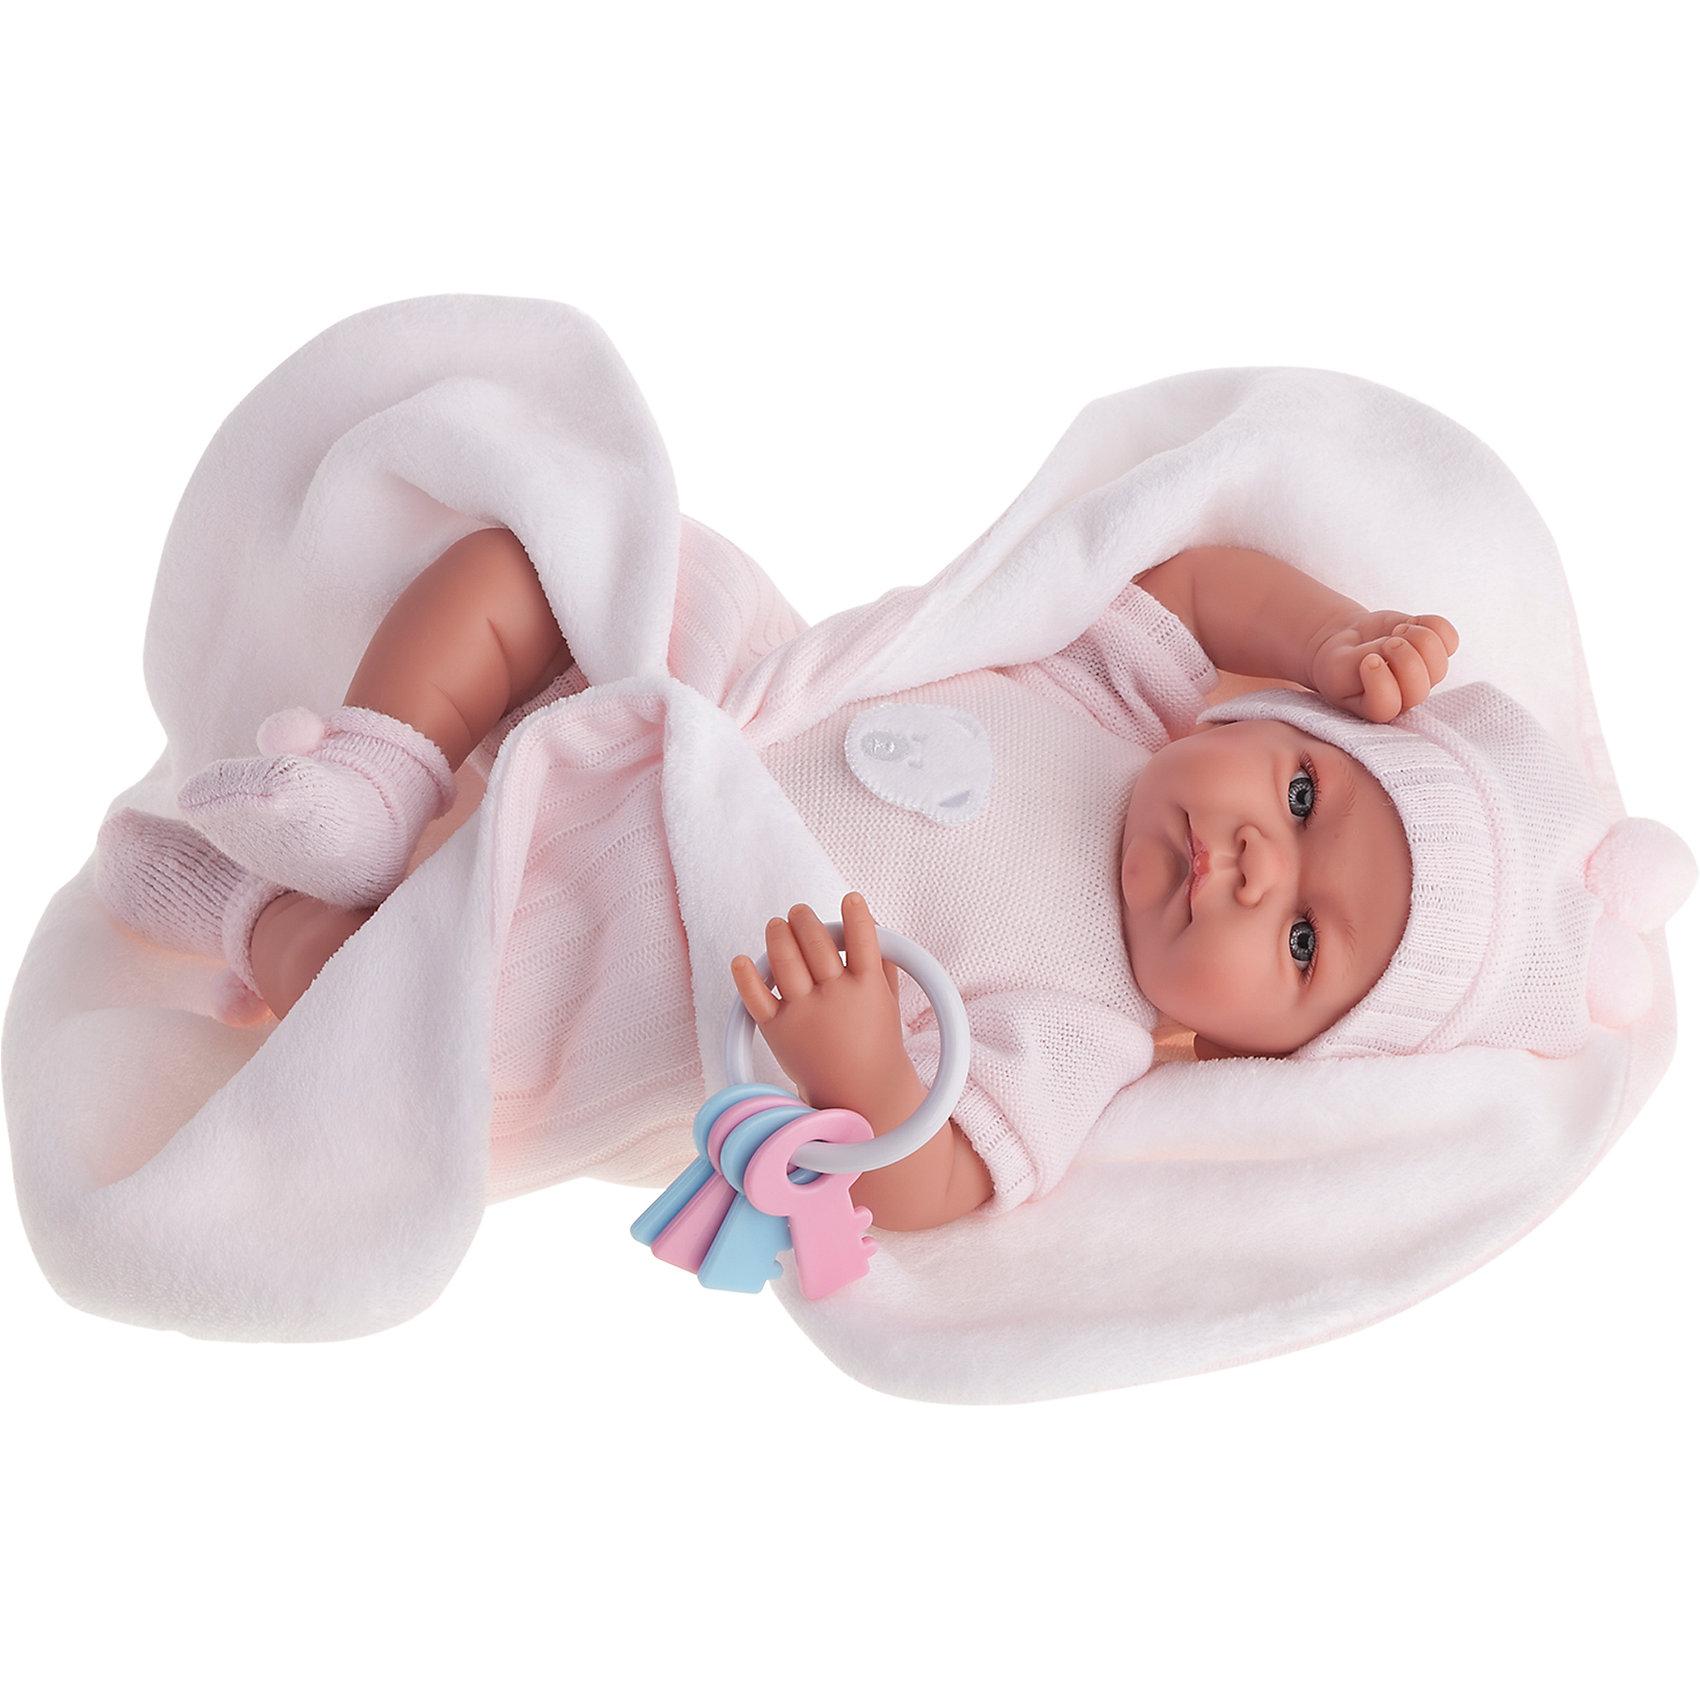 Кукла Фернанда в розовом, 40 см, Munecas Antonio JuanБренды кукол<br>Кукла Фернанда в розовом, 40 см, Munecas Antonio Juan (Мунекас Антонио Хуан).<br><br>Характеристики:<br><br>- Комплектация: кукла в одежде, одеяло, погремушка-ключики<br>- Материал: винил, текстиль<br>- Высота куклы: 40 см.<br>- Глаза не закрываются<br>- Интерактивные функции куклы: нажмите на животик: - 1 раз - кукла засмеется, 2ой раз - кукла скажет мама, 3ий раз - скажет папа<br>- Батарейки: 3 x AG13 / LR44 (входят в комплект)<br>- Упаковка: яркая подарочная коробка<br><br>Малышка Фернанда невероятно похожа на настоящего младенца. Анатомическая точность, с которой выполнена кукла, поражает! Выразительные глазки, маленький носик, нежные щечки, пухлые губки, милые «перевязочки» на ручках и ножках придают кукле реалистичный вид и вызывают только самые положительные и добрые эмоции. Фернанда одета в розовый костюмчик с аппликацией в виде мишки, дополненного шапочкой с помпончиками, на ногах - мягкие пинетки с помпончиками. В комплекте также предусмотрена одеяло и погремушка с разноцветными ключиками, нанизанными на колечко. Кукла оснащена звуковым модулем, если нажать на животик Фернанда засмеется или позовет маму или папу. Тельце у куклы мягко-набивное, голова, ручки и ножки сделаны из высококачественного винила. Голова, ручки и ножки подвижны. Кукла изготовлена из высококачественных и экологически чистых материалов, поэтому безопасна для детей любого возраста, соответствует всем нормам и требованиям к качеству детских товаров. Образы малышей Мунекас разработаны известными европейскими дизайнерами. Они натуралистичны, анатомически точны.<br><br>Куклу Фернанда в розовом, 40 см, Munecas Antonio Juan (Мунекас Антонио Хуан) можно купить в нашем интернет-магазине.<br><br>Ширина мм: 50<br>Глубина мм: 26<br>Высота мм: 16<br>Вес г: 1650<br>Возраст от месяцев: 36<br>Возраст до месяцев: 2147483647<br>Пол: Женский<br>Возраст: Детский<br>SKU: 5055417